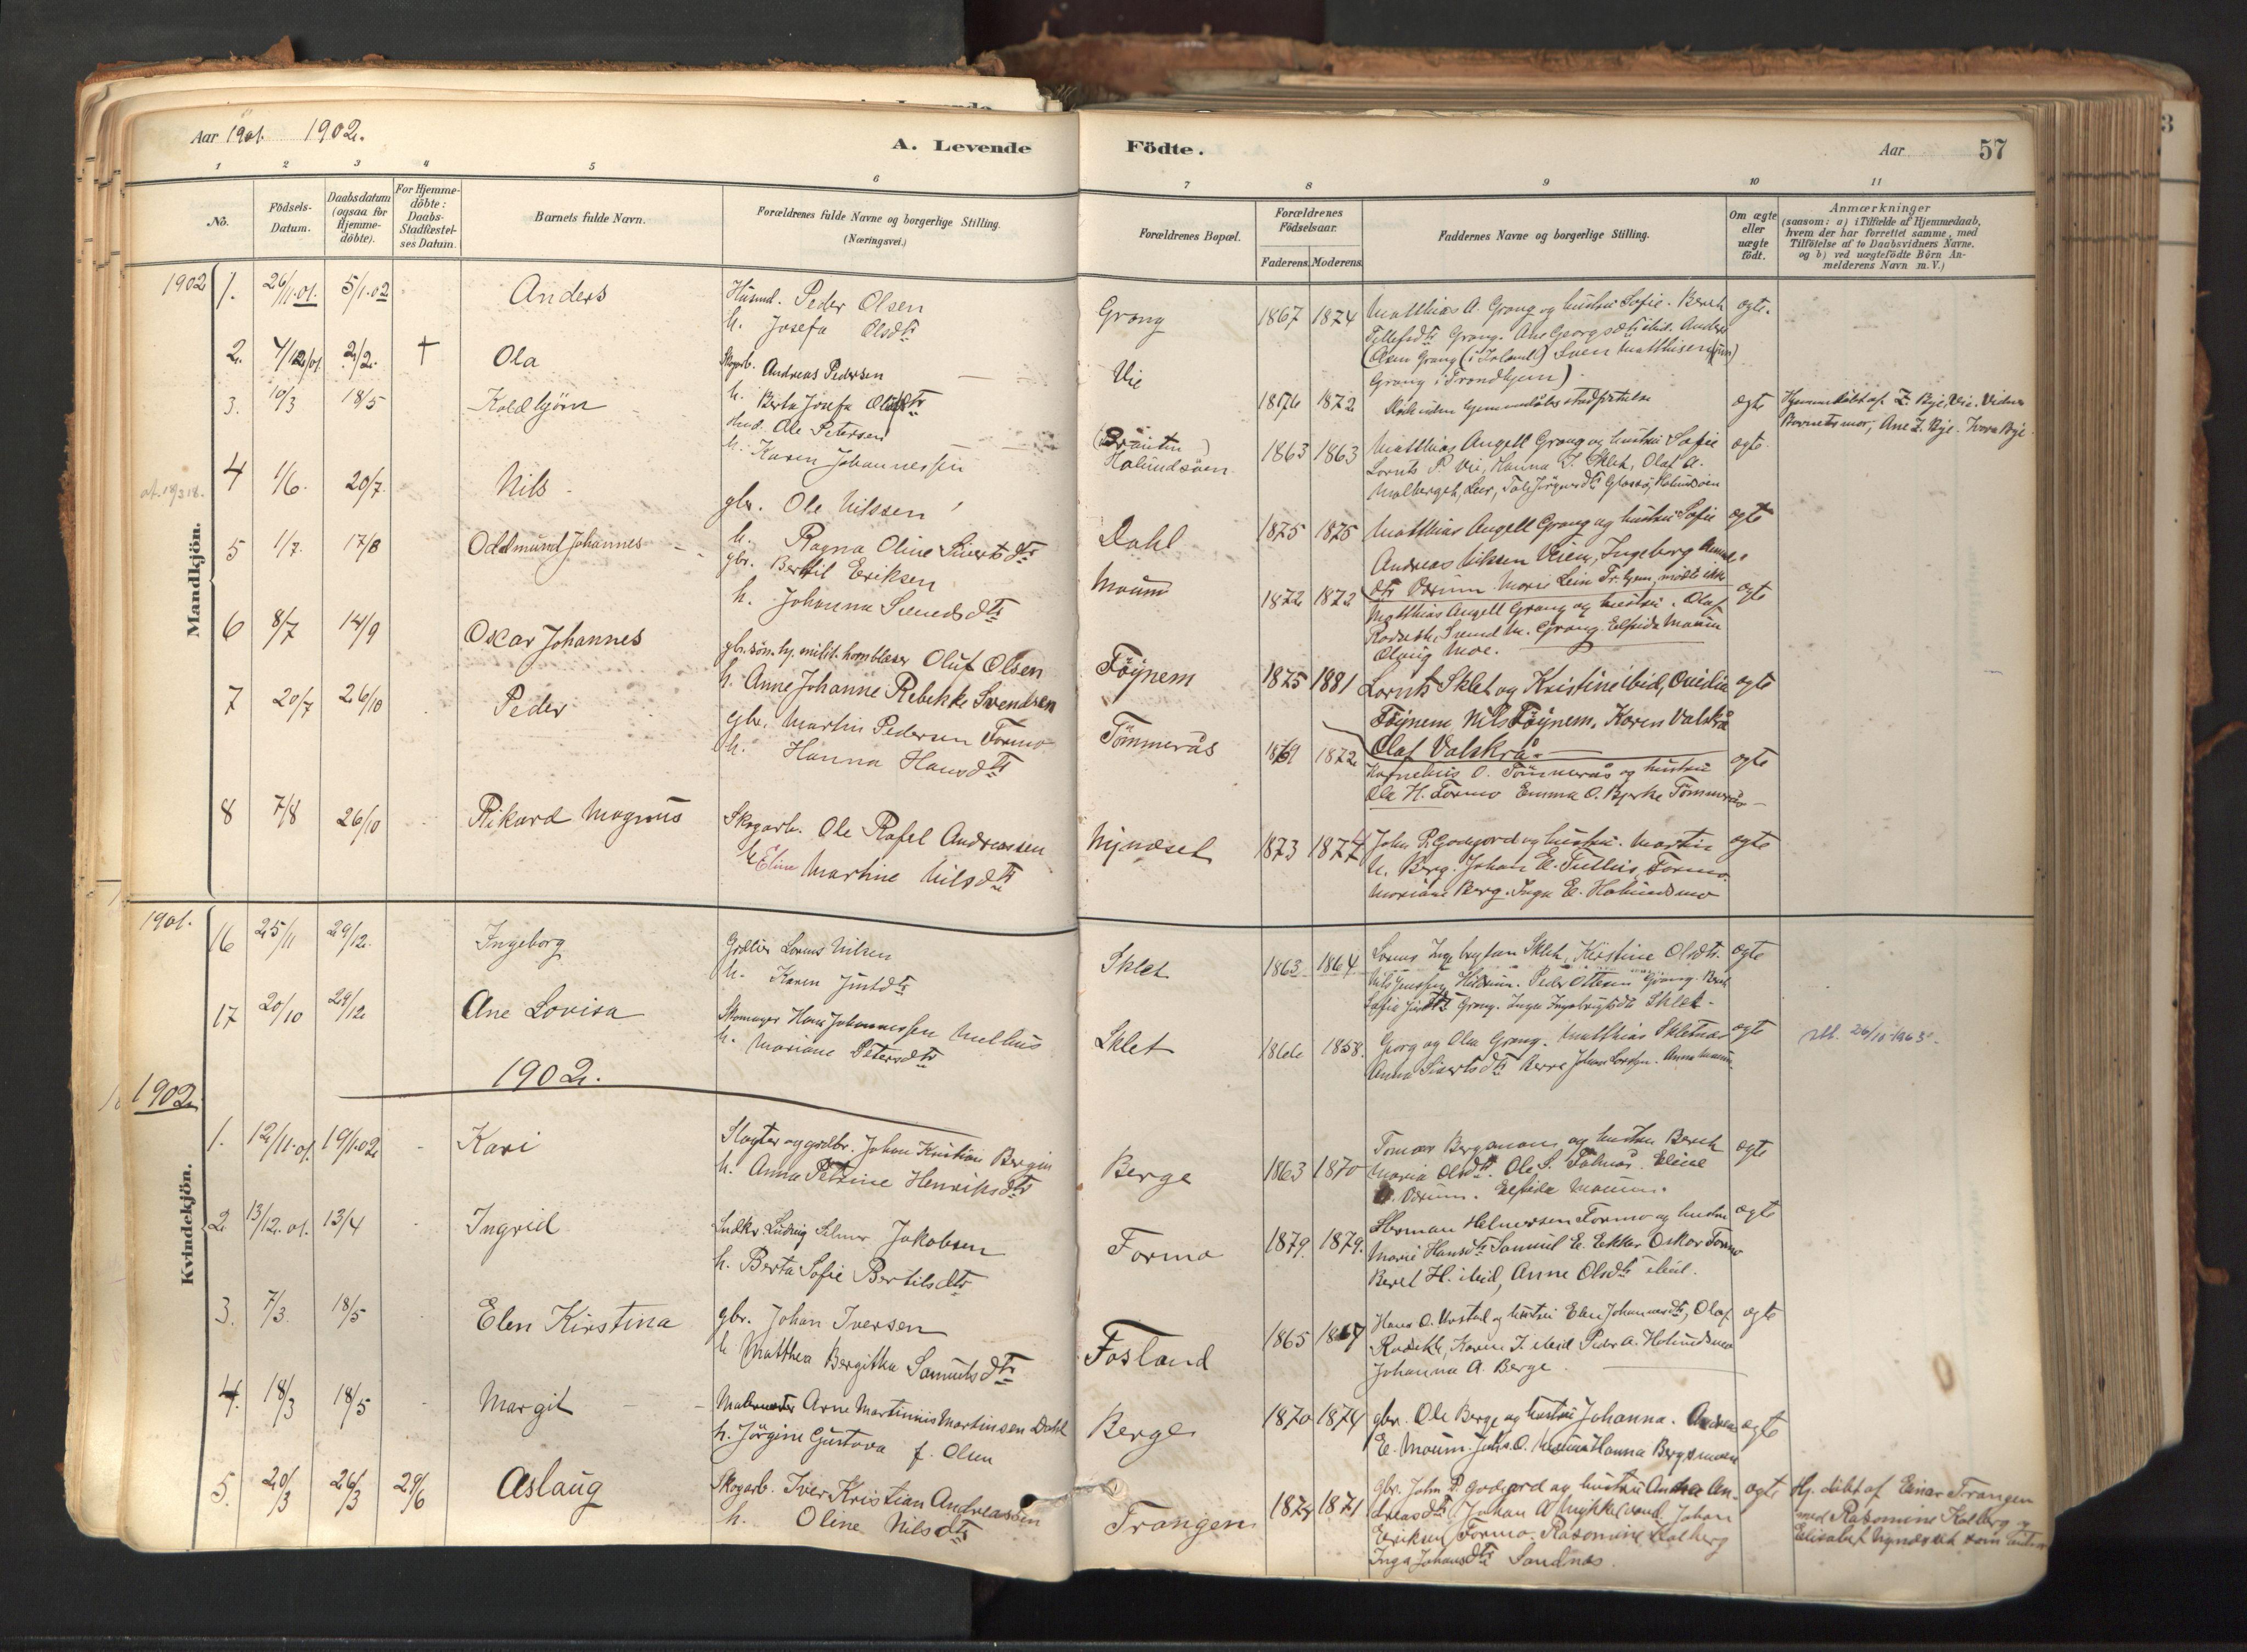 SAT, Ministerialprotokoller, klokkerbøker og fødselsregistre - Nord-Trøndelag, 758/L0519: Ministerialbok nr. 758A04, 1880-1926, s. 57